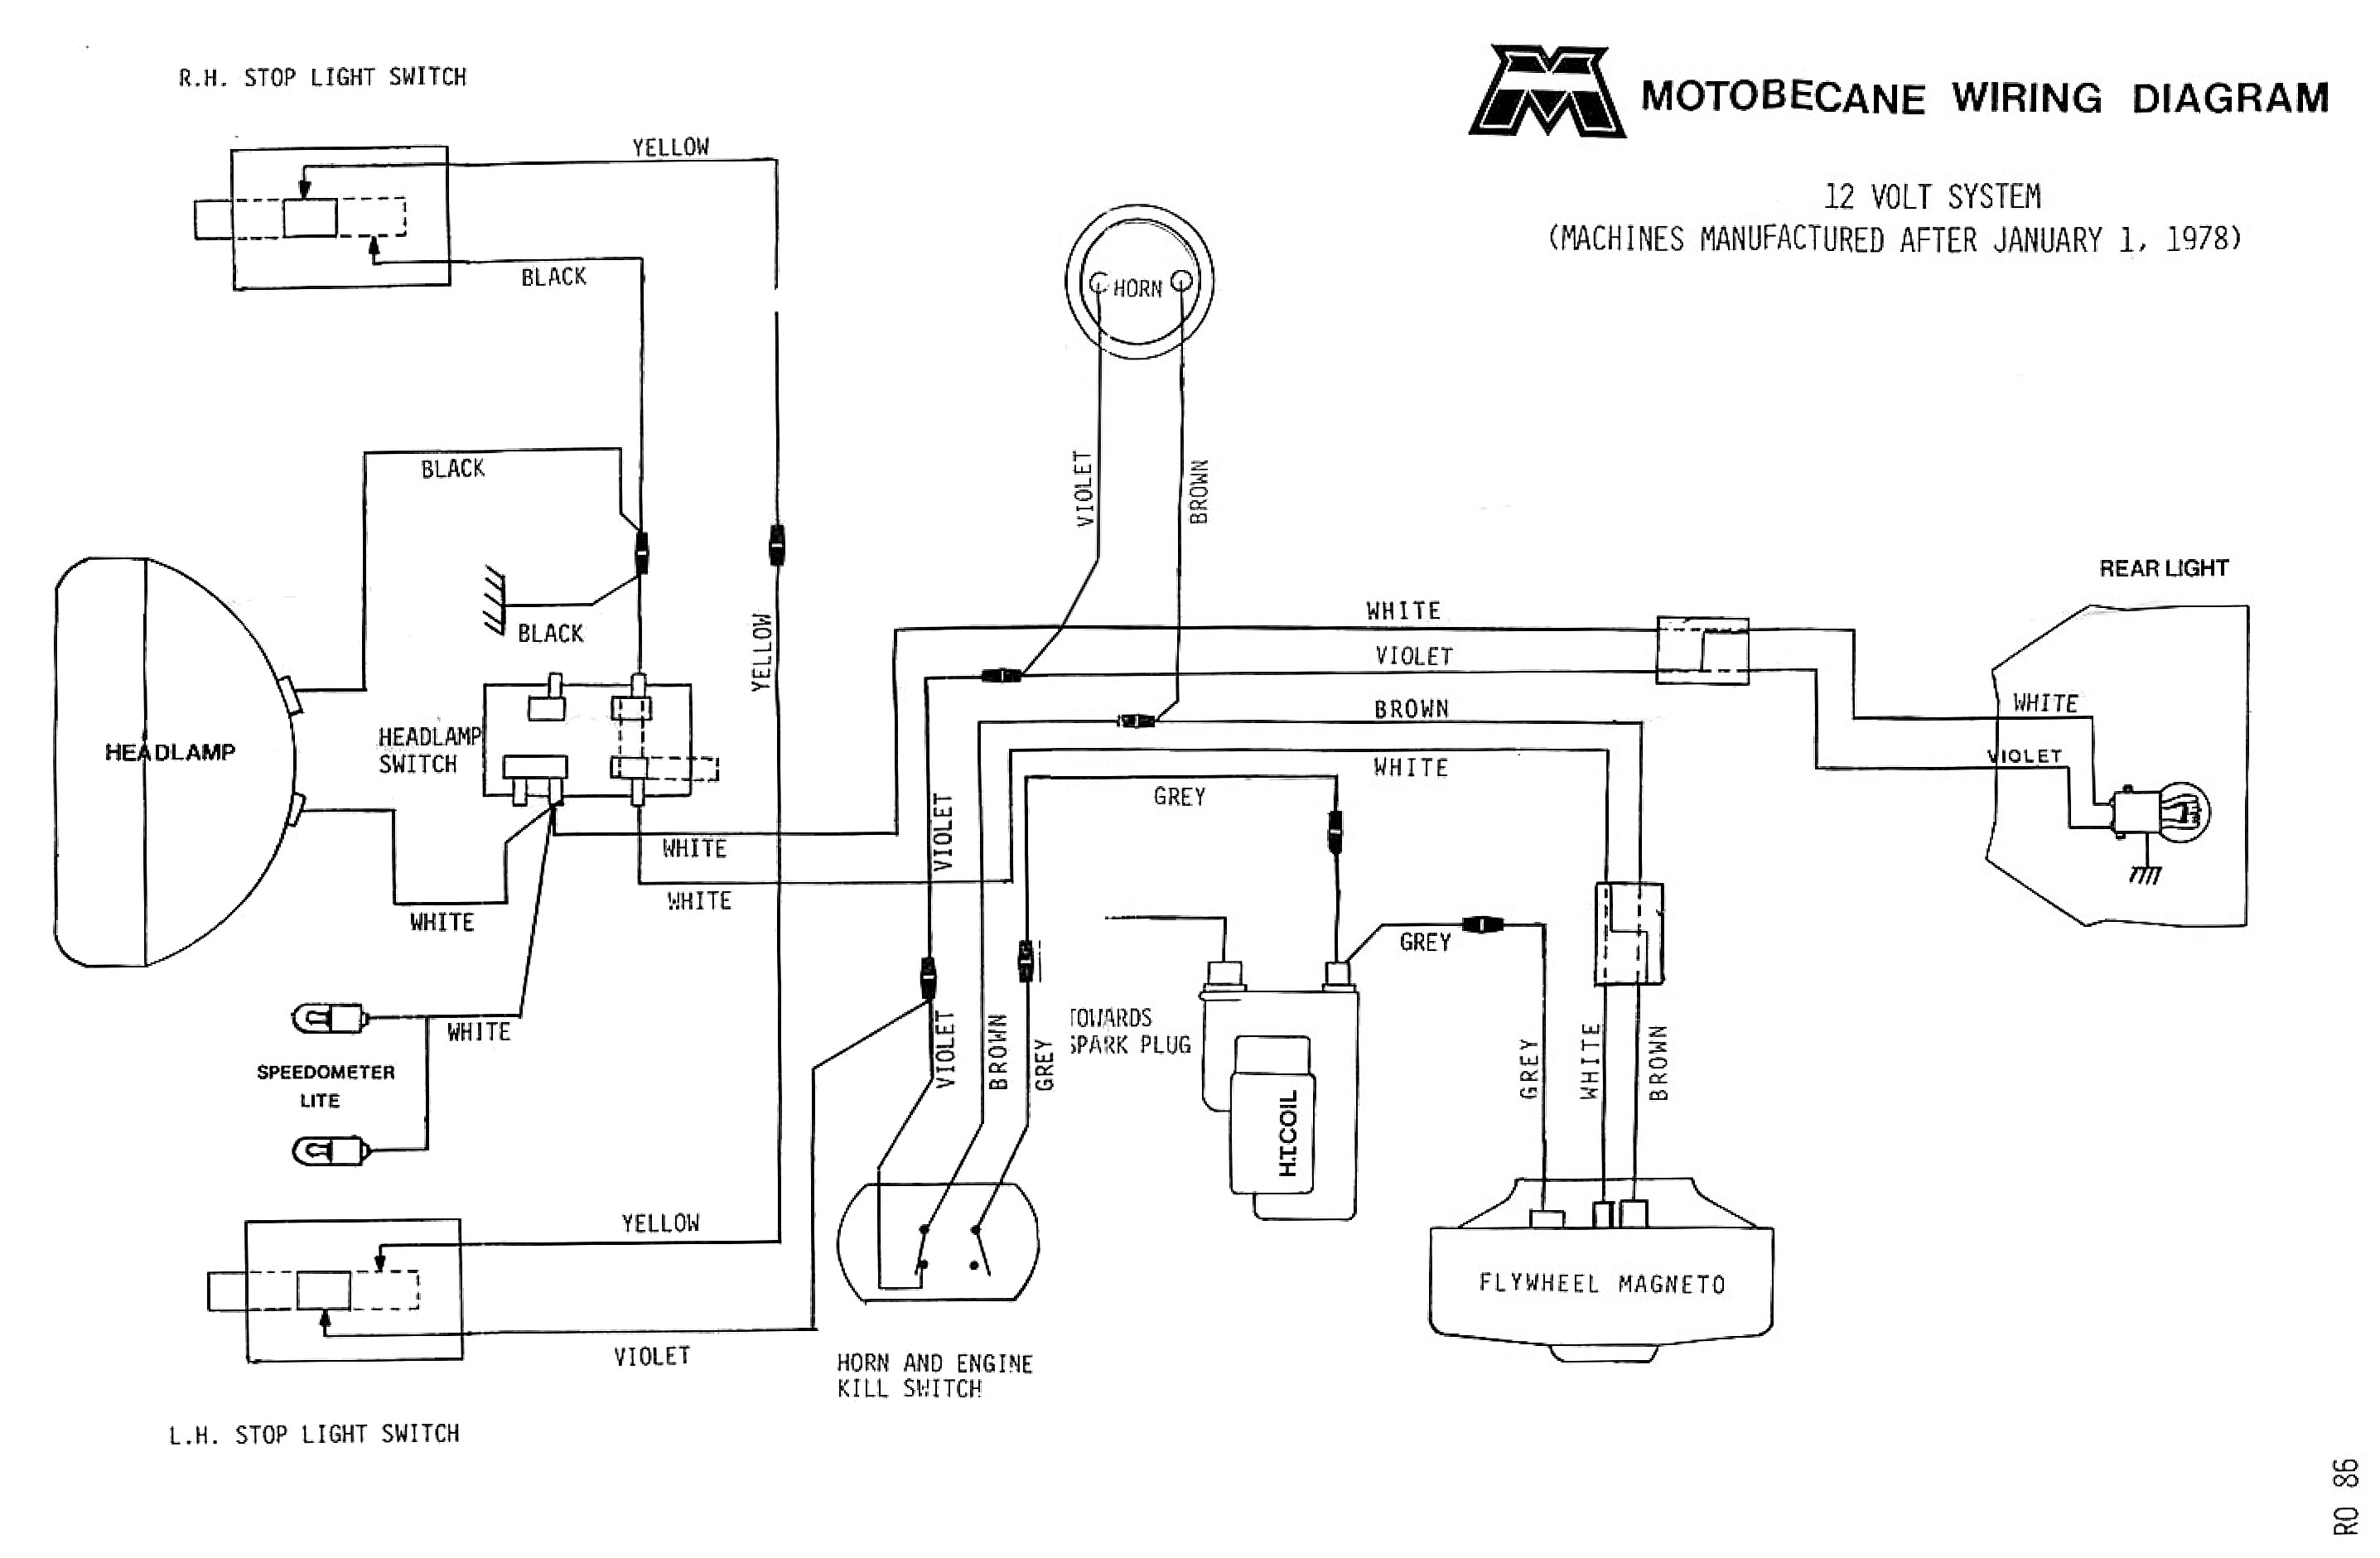 1948 Ford 8N 6 Volt Wiring - Wiring Diagram Data - 6 Volt Positive Ground Wiring Diagram